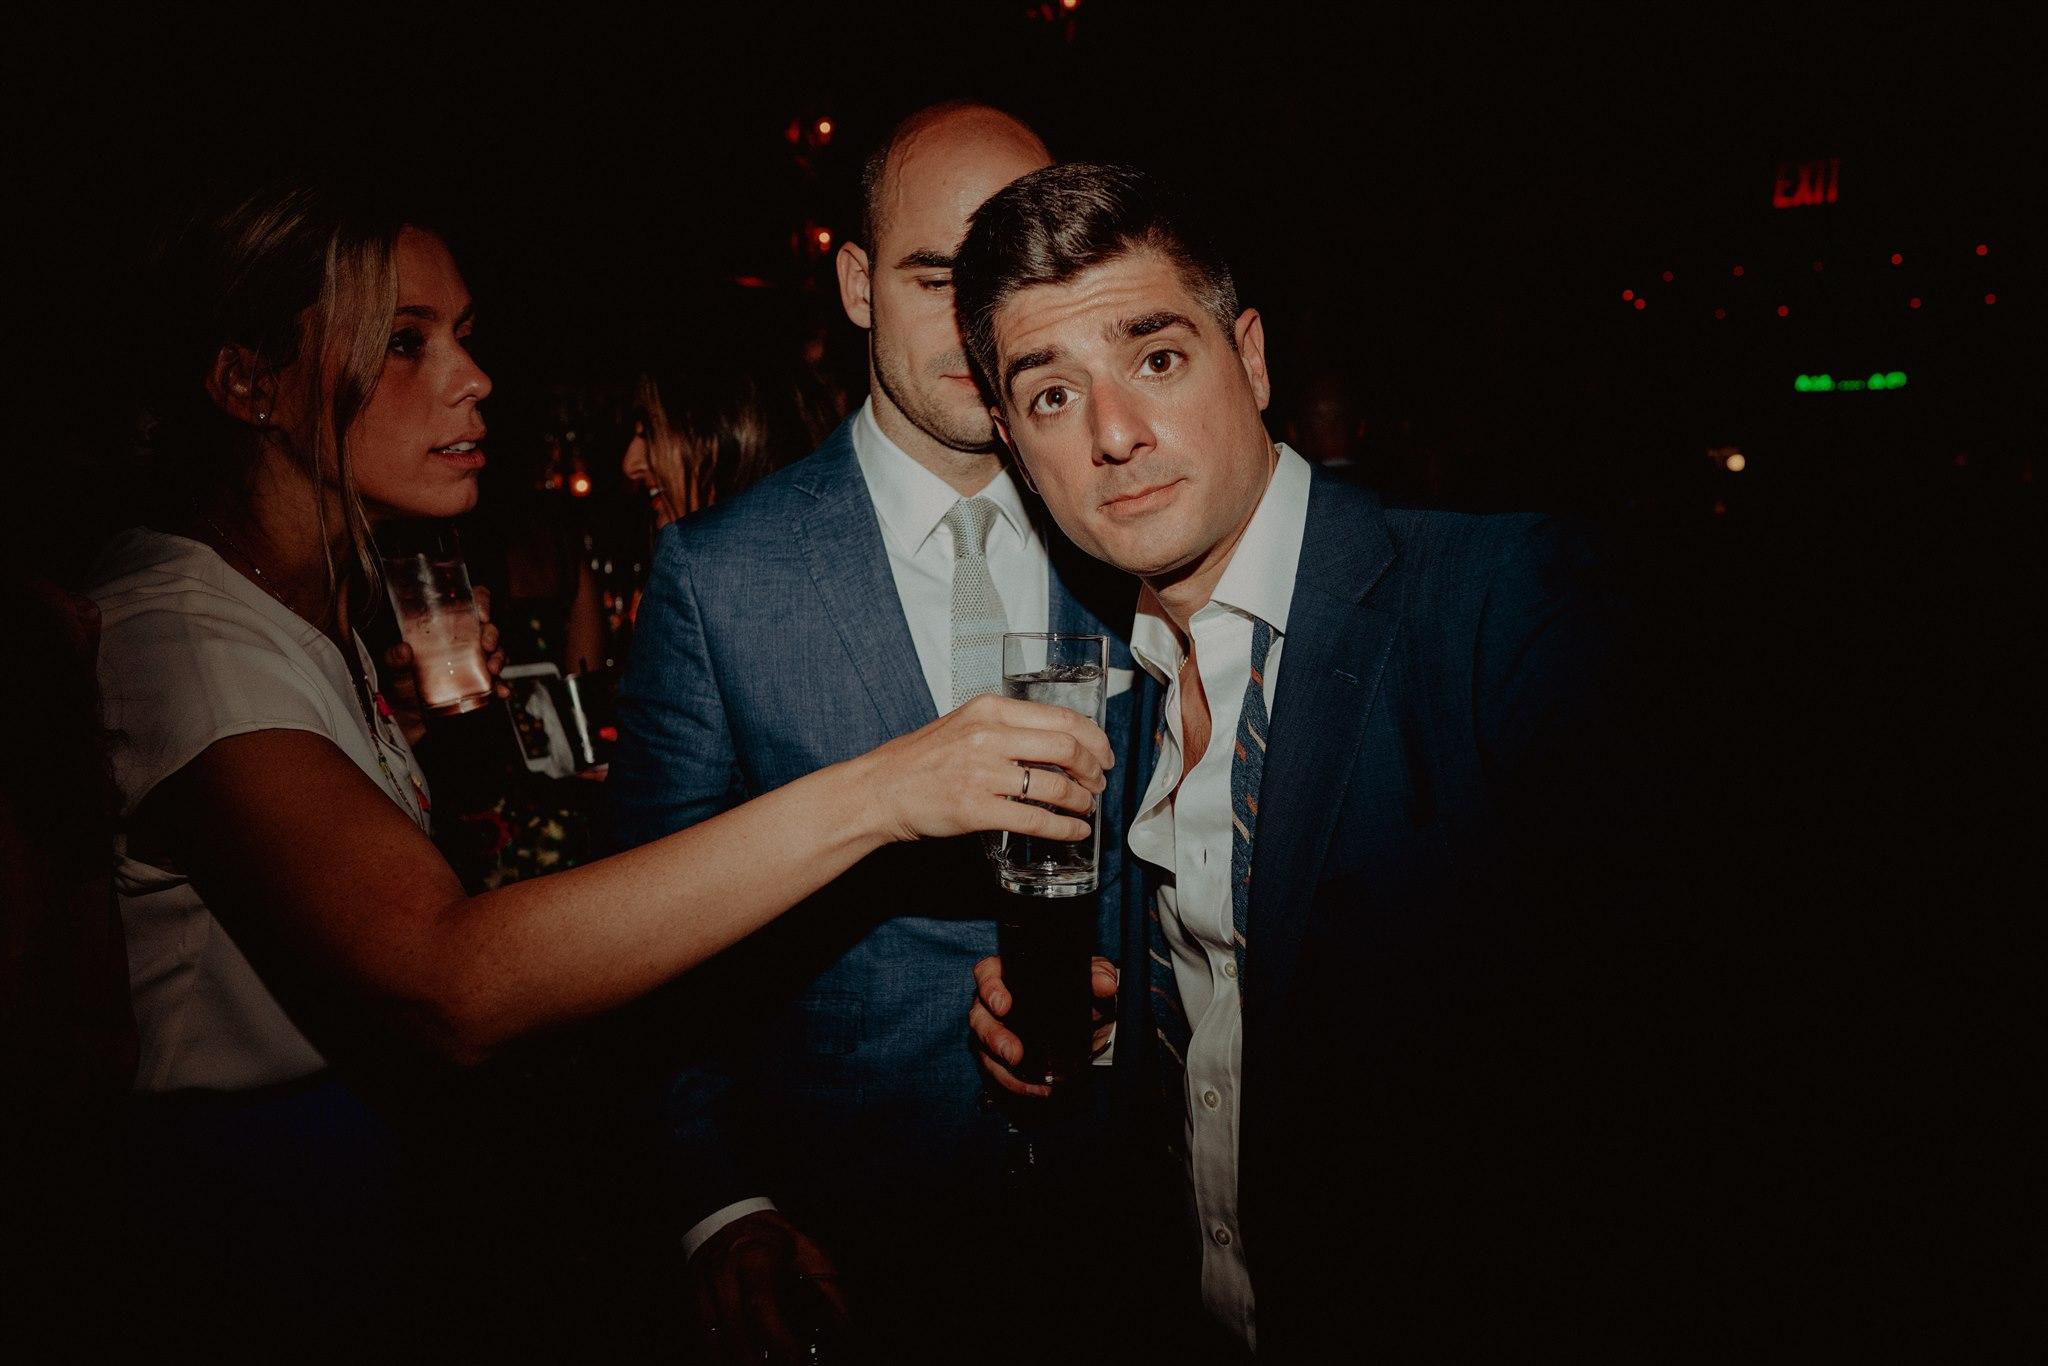 Chellise_Michael_Photography_Ramona_Brooklyn_Wedding_Photographer-752.jpg